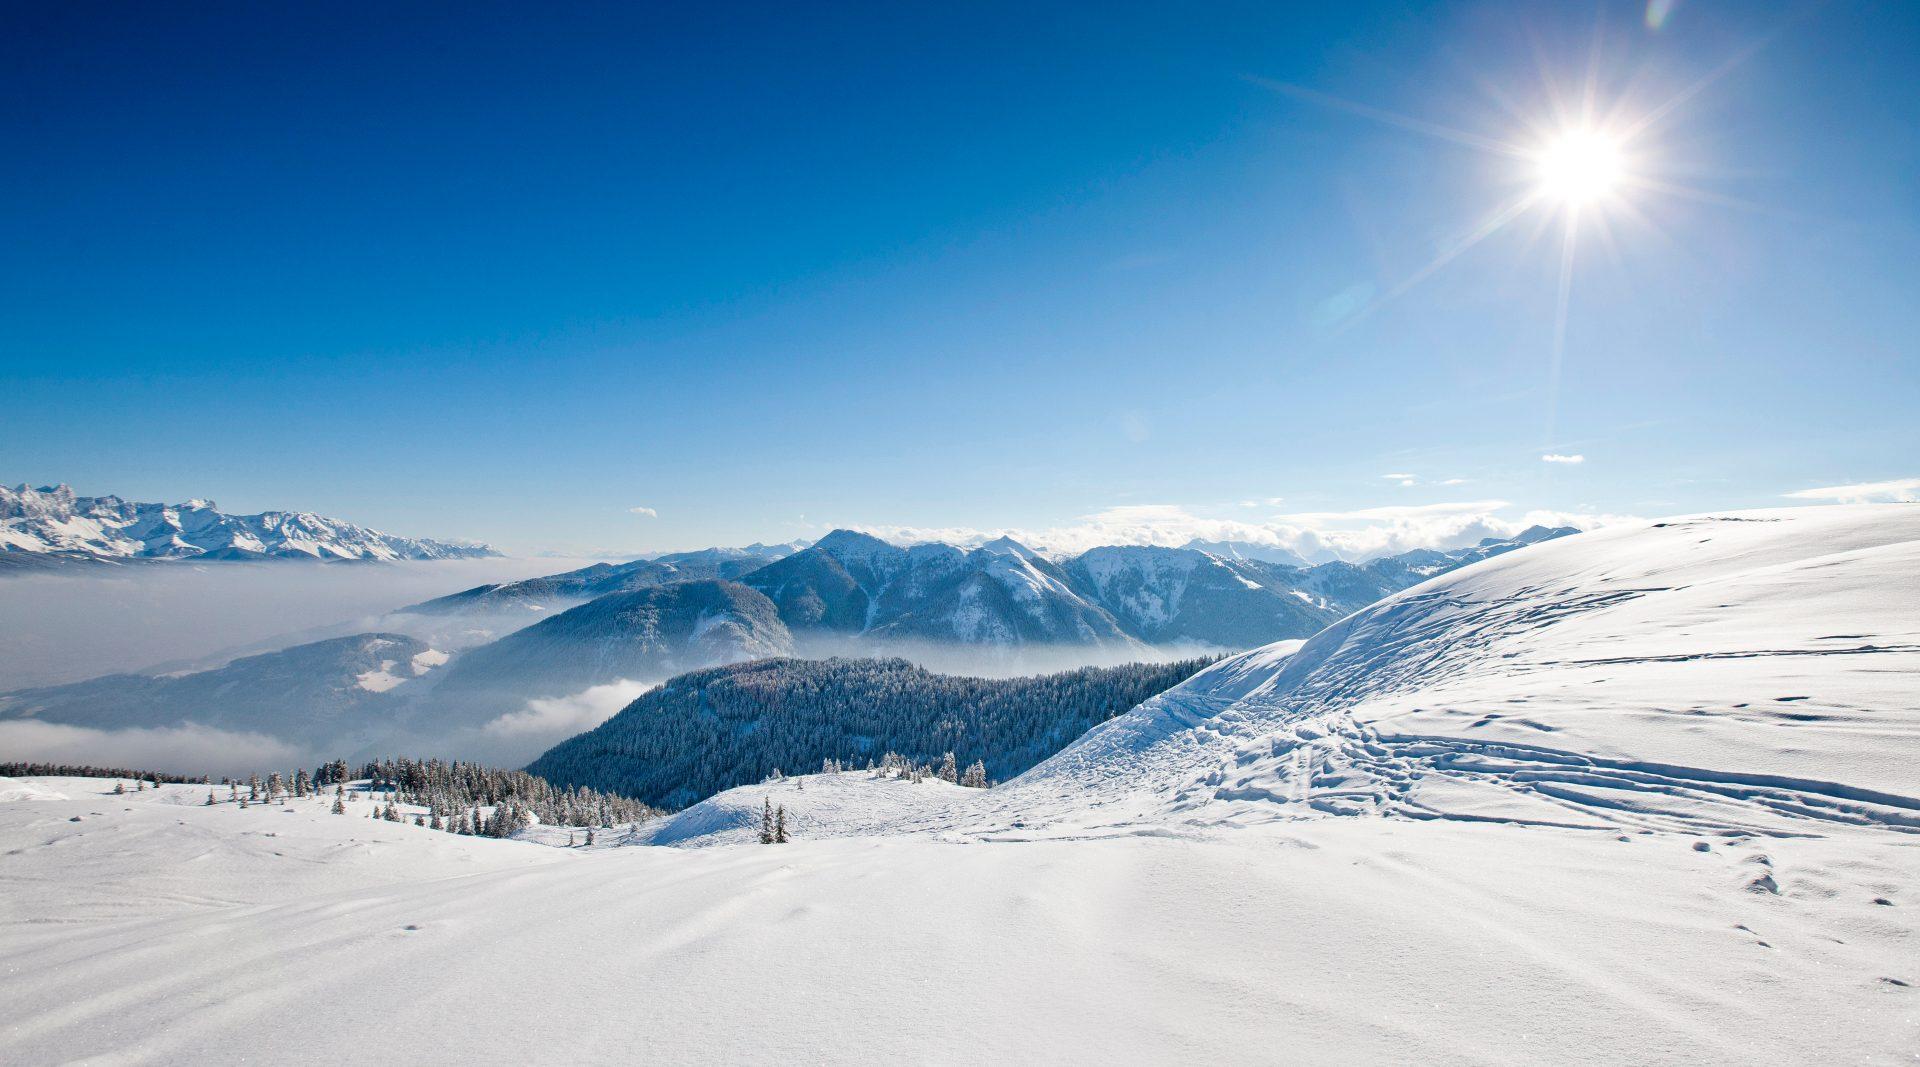 ismerkedés a nők ski